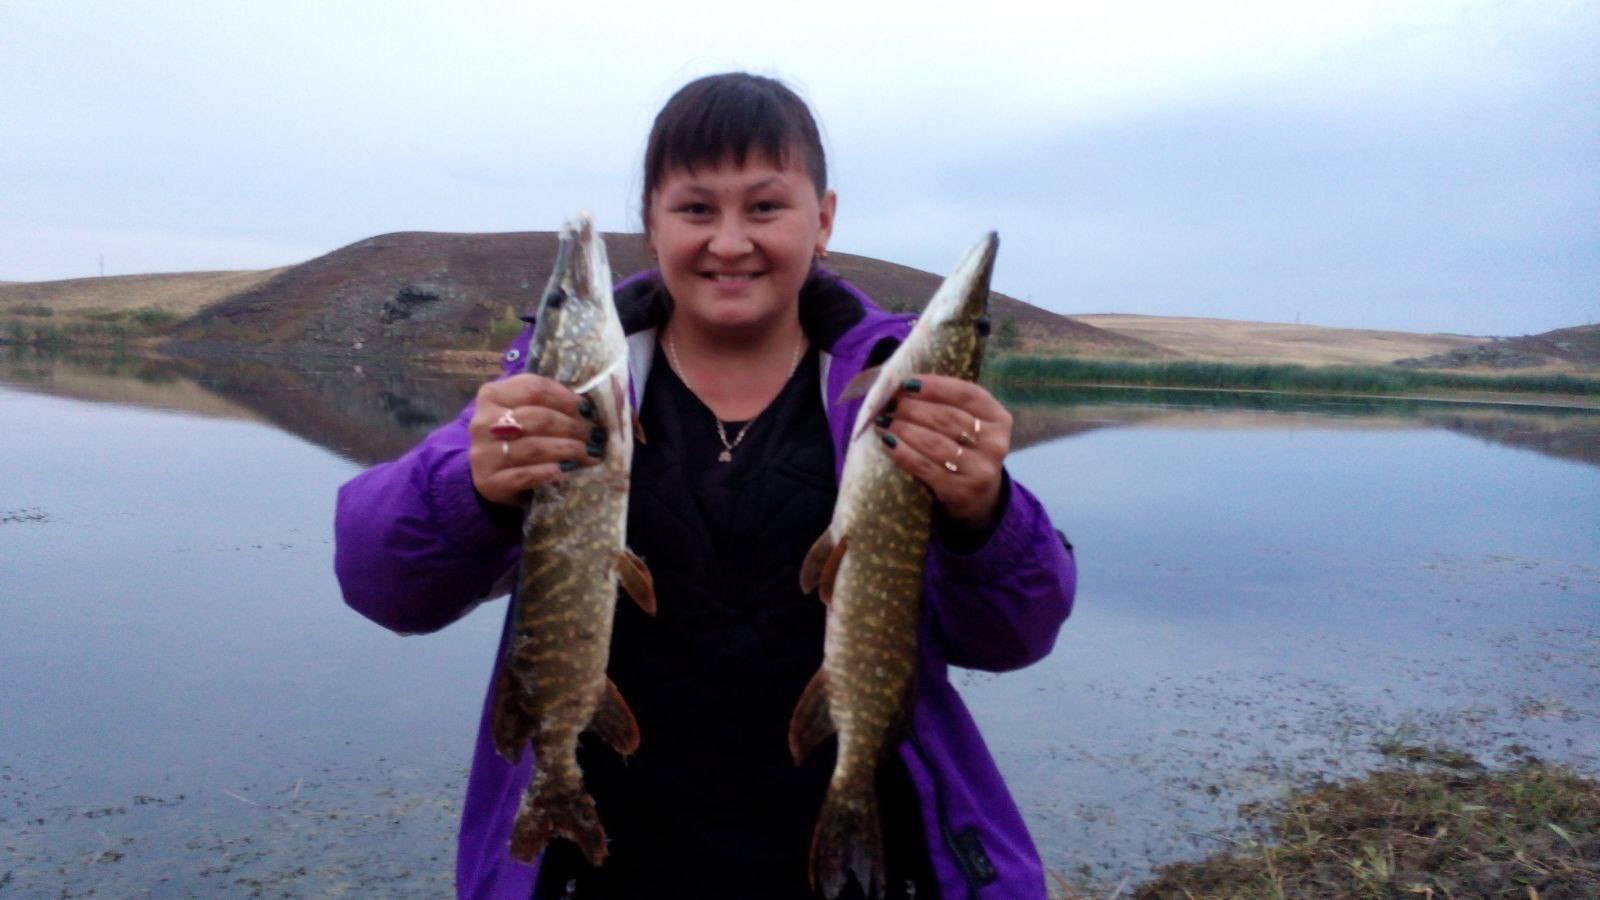 Рыбалка в башкирии: где можно порыбачить (в апреле, октябре или феврале), рыбные места